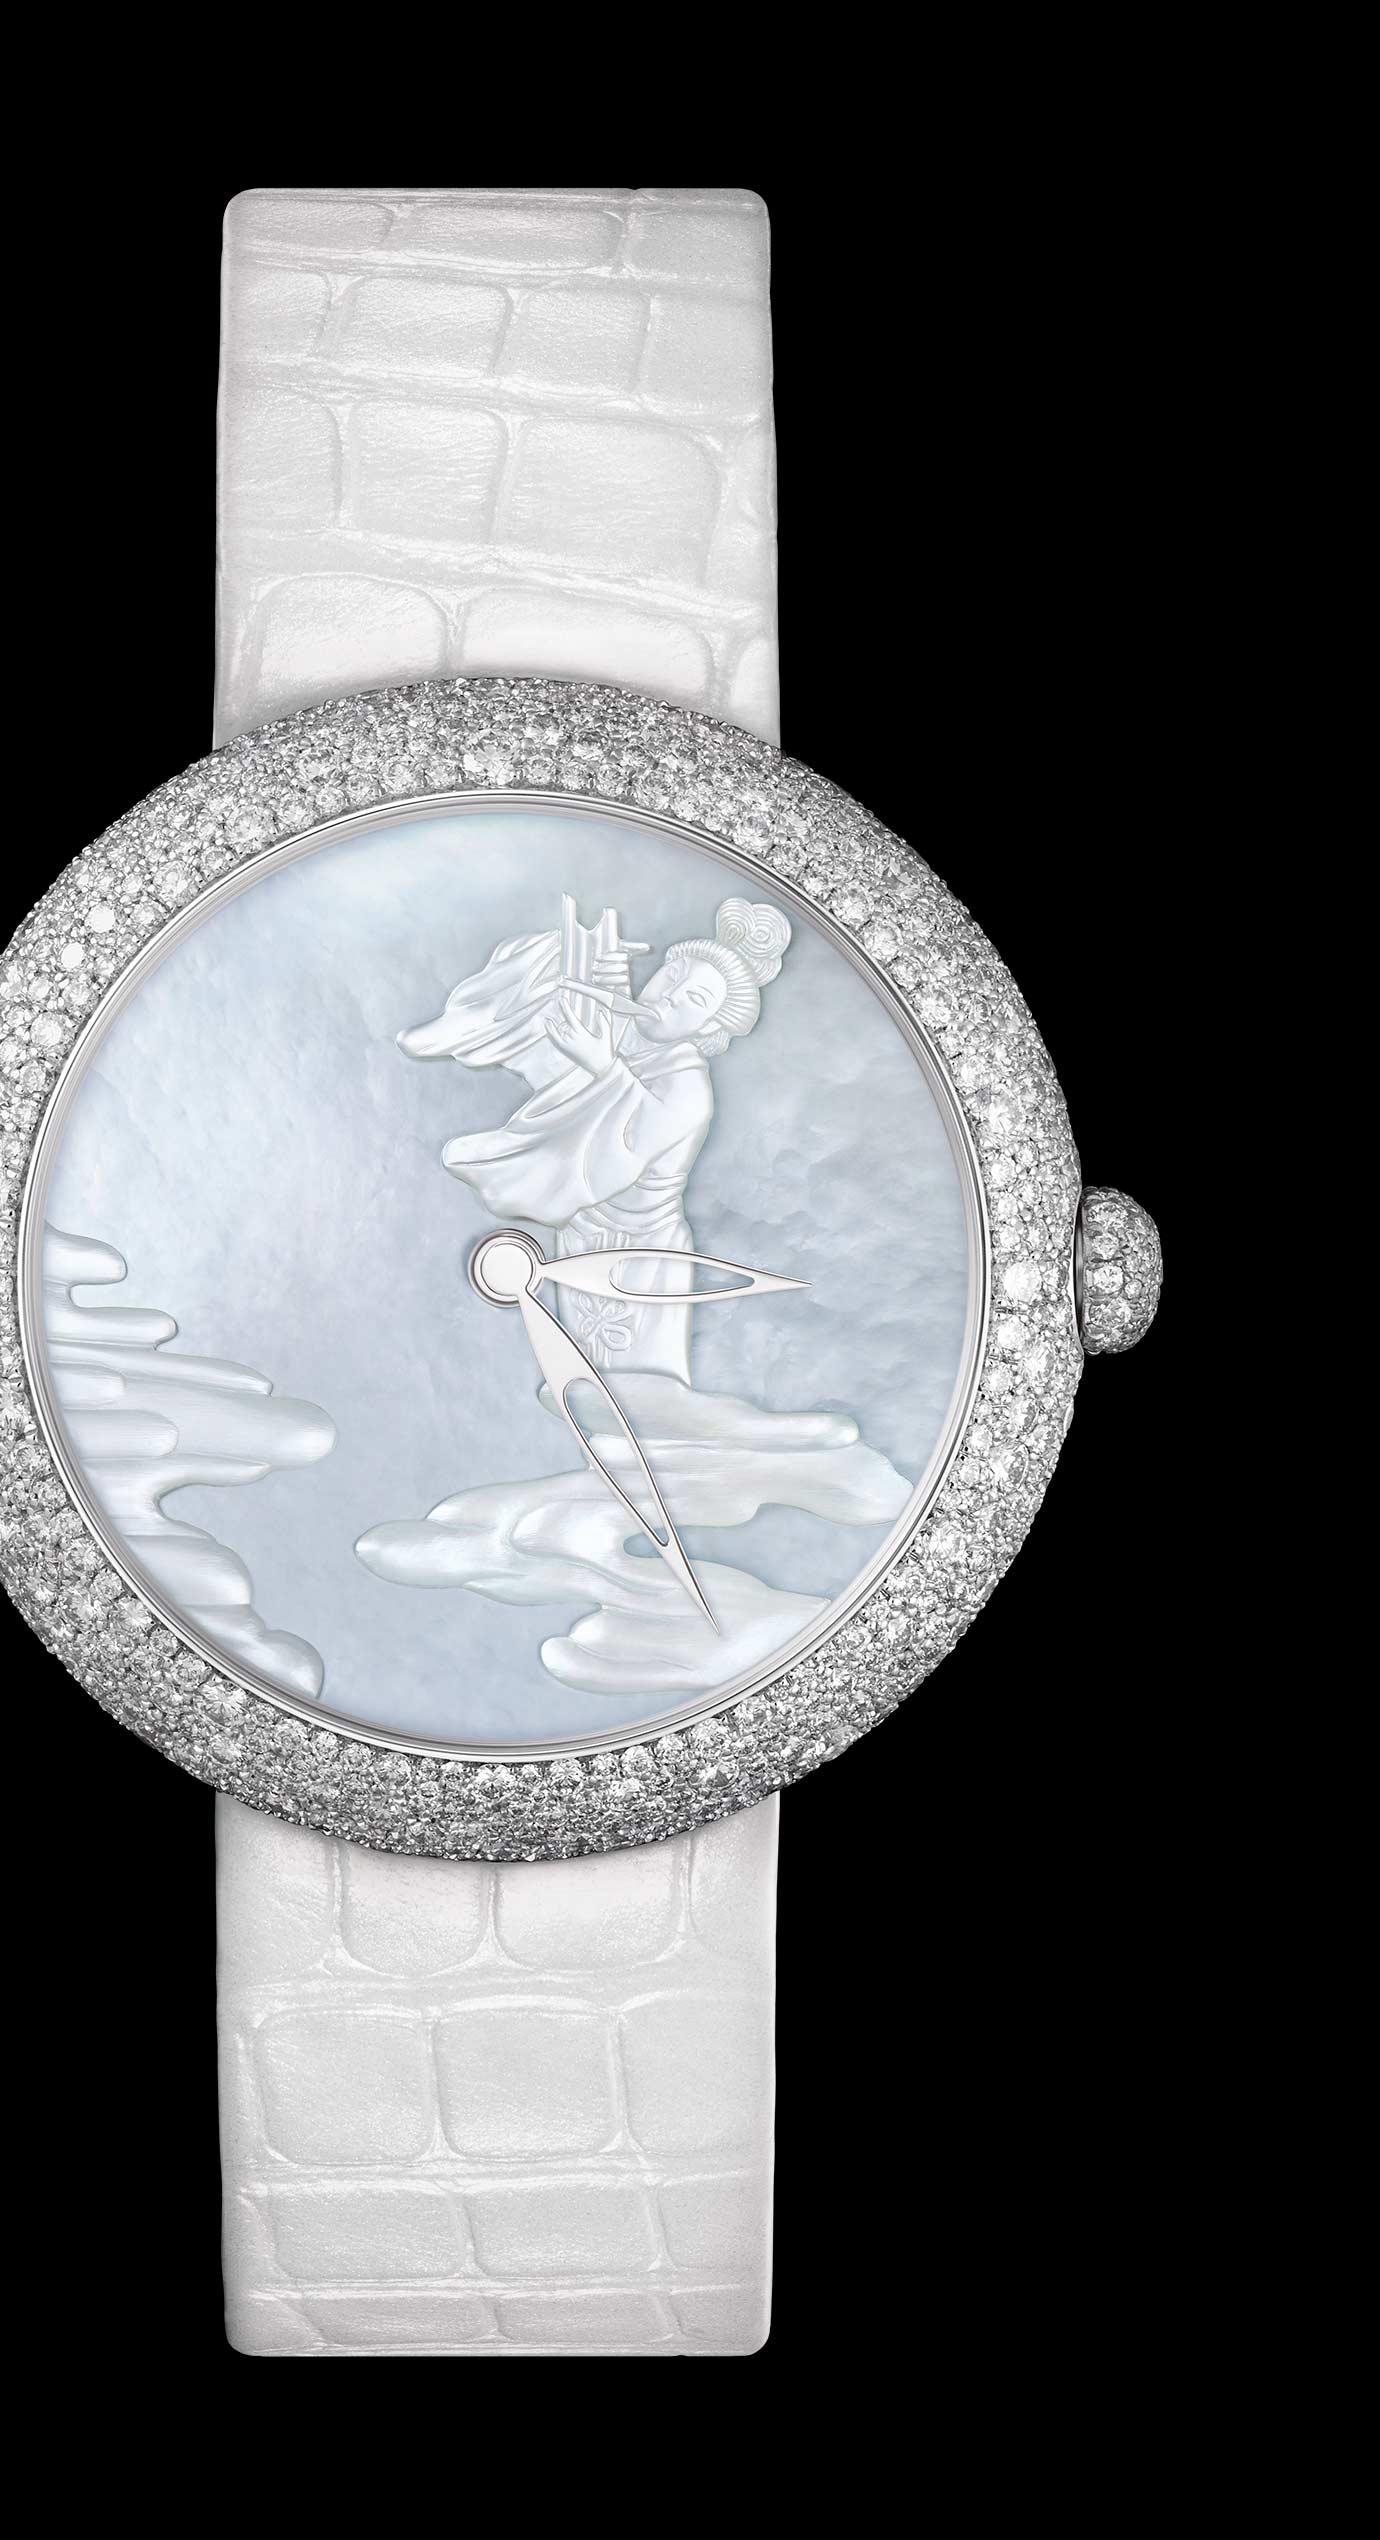 Reloj MADEMOISELLE PRIVÉ Coromandel «Douce Mélodie» en oro blanco con diamantes en engaste nieve. Miniaturas realizadas con la técnica de Ginebra del esmalte Grand Feu y nácar esculpido. - Vista ampliada